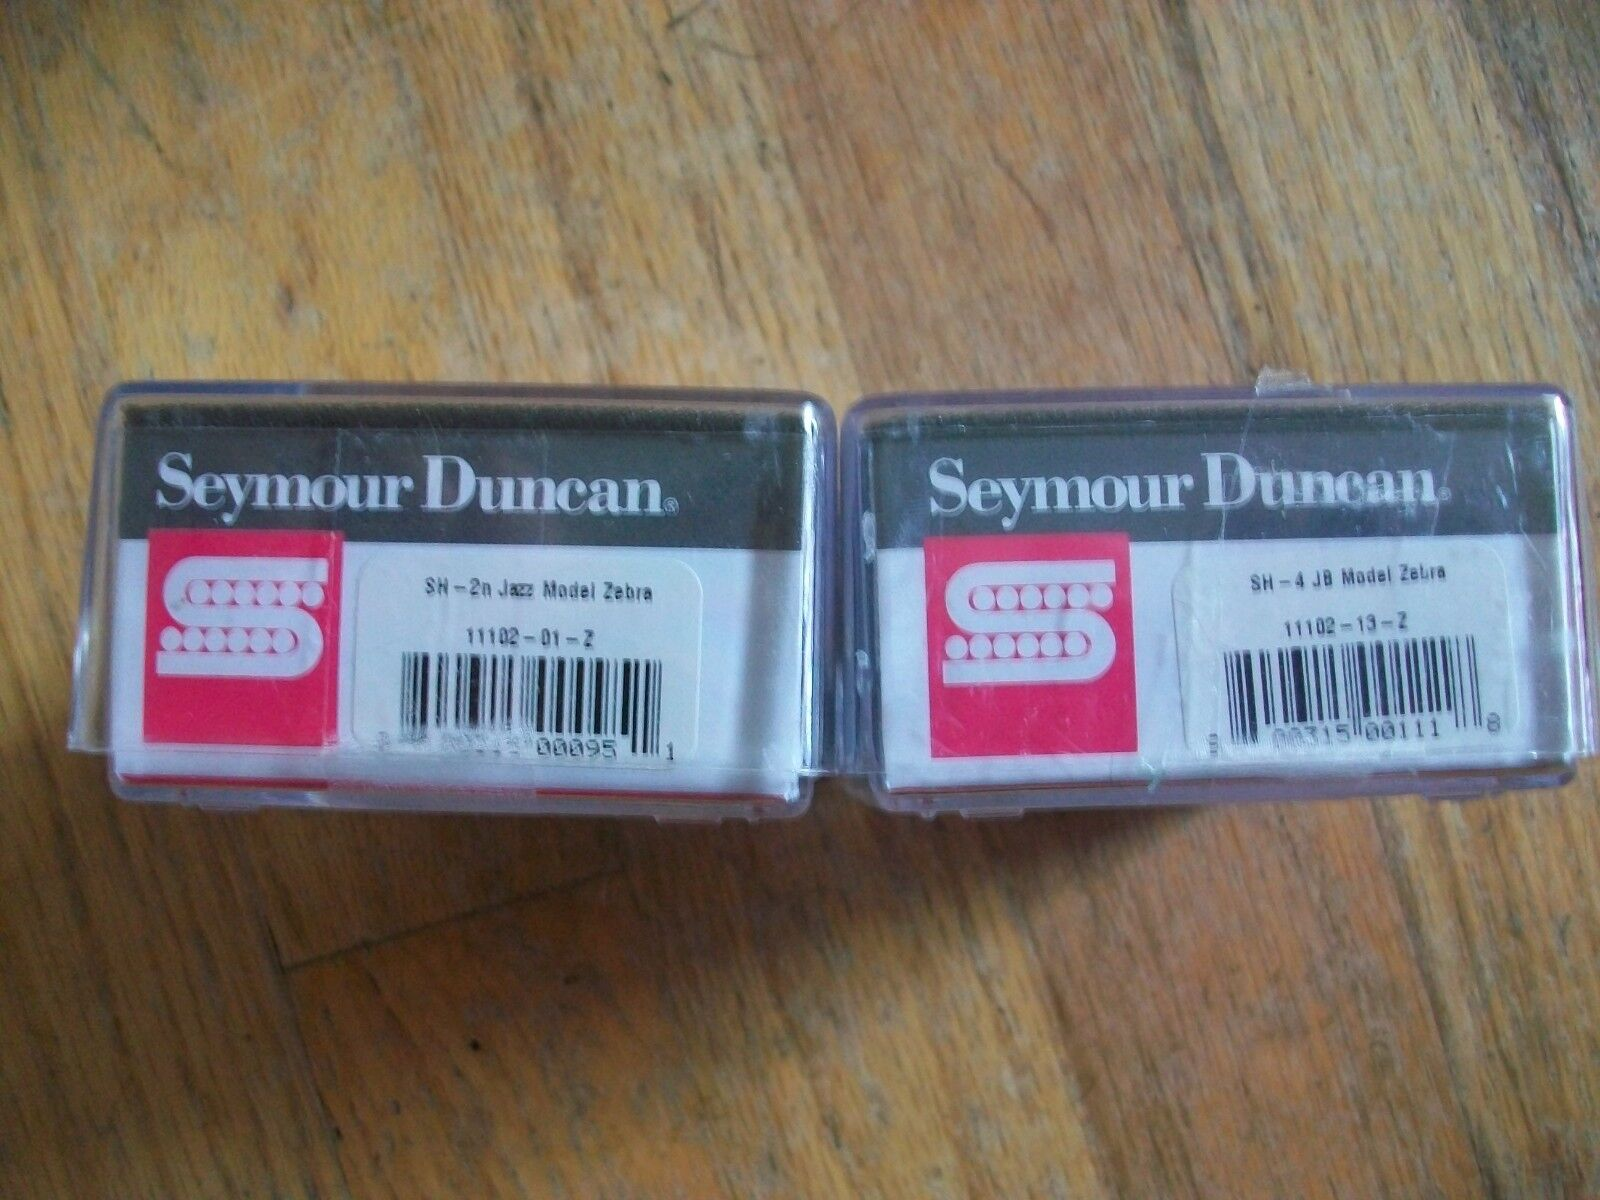 Seymour Duncan JB y Jazz Pastillas Pastillas Pastillas Humbucker Cebra 3 Gratis ERNIE BALL conjuntos de 9-42 c54dd3